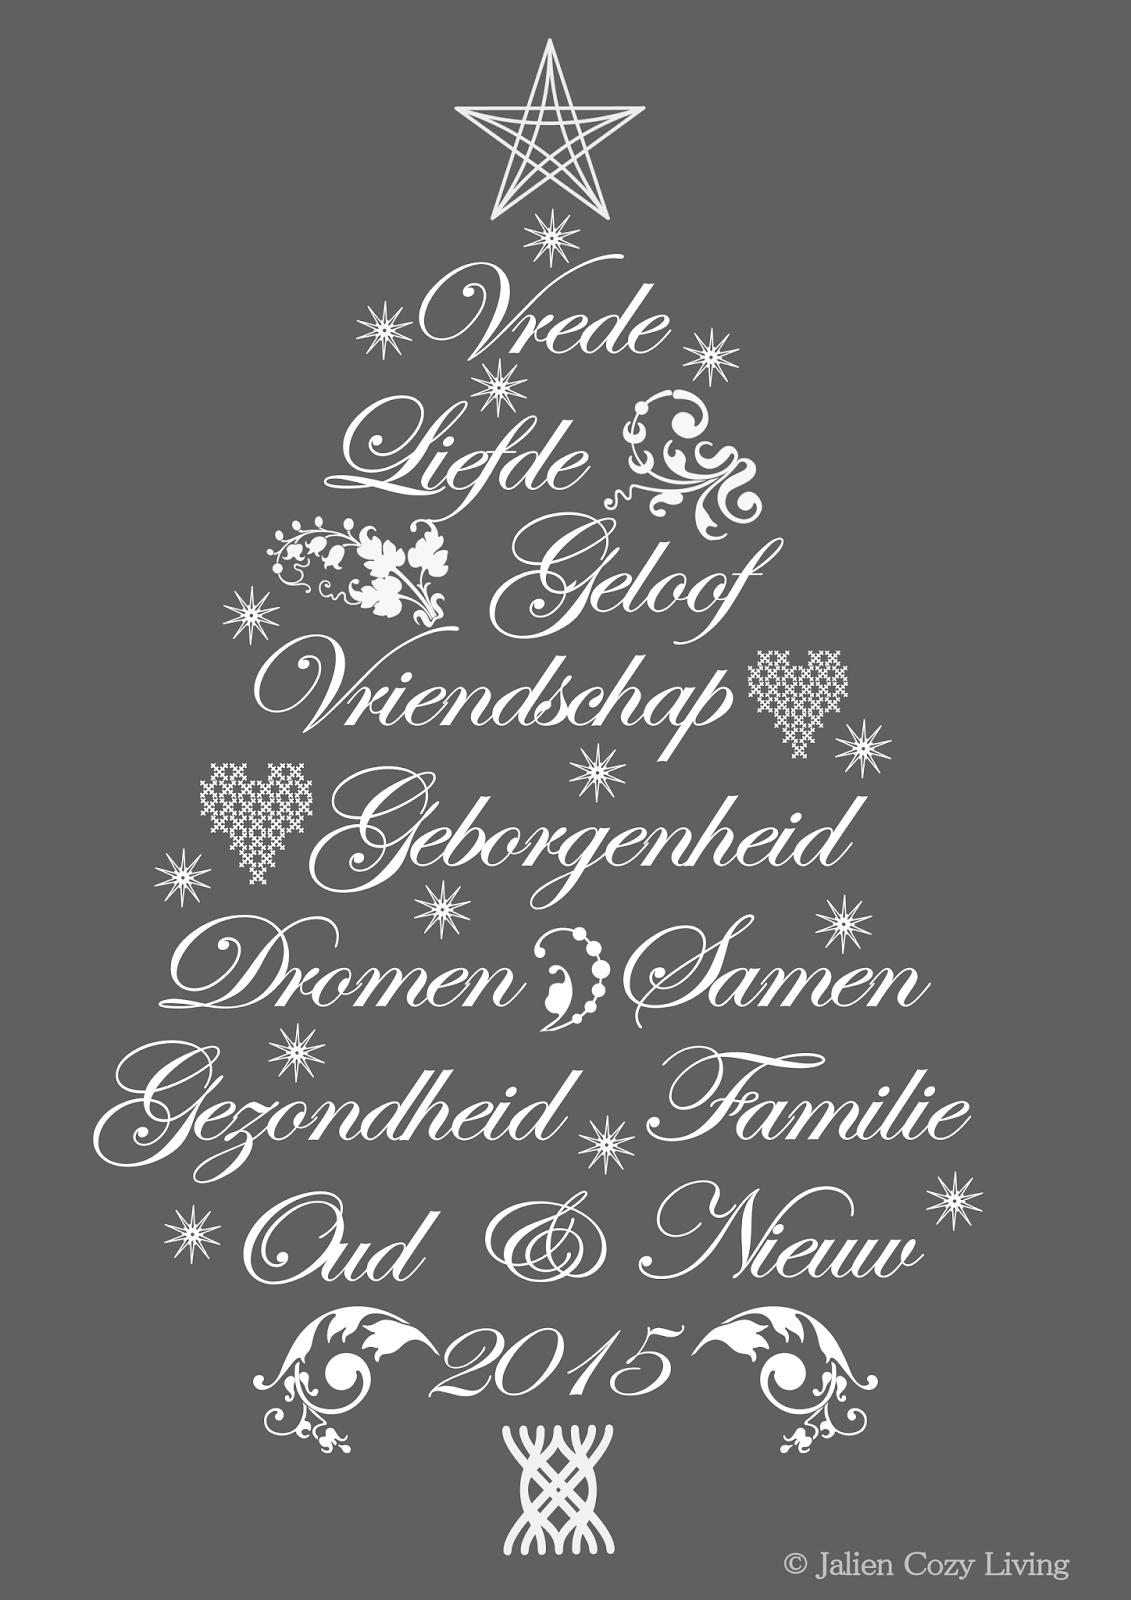 Kerst kaart Jalien Cozy Living 2015